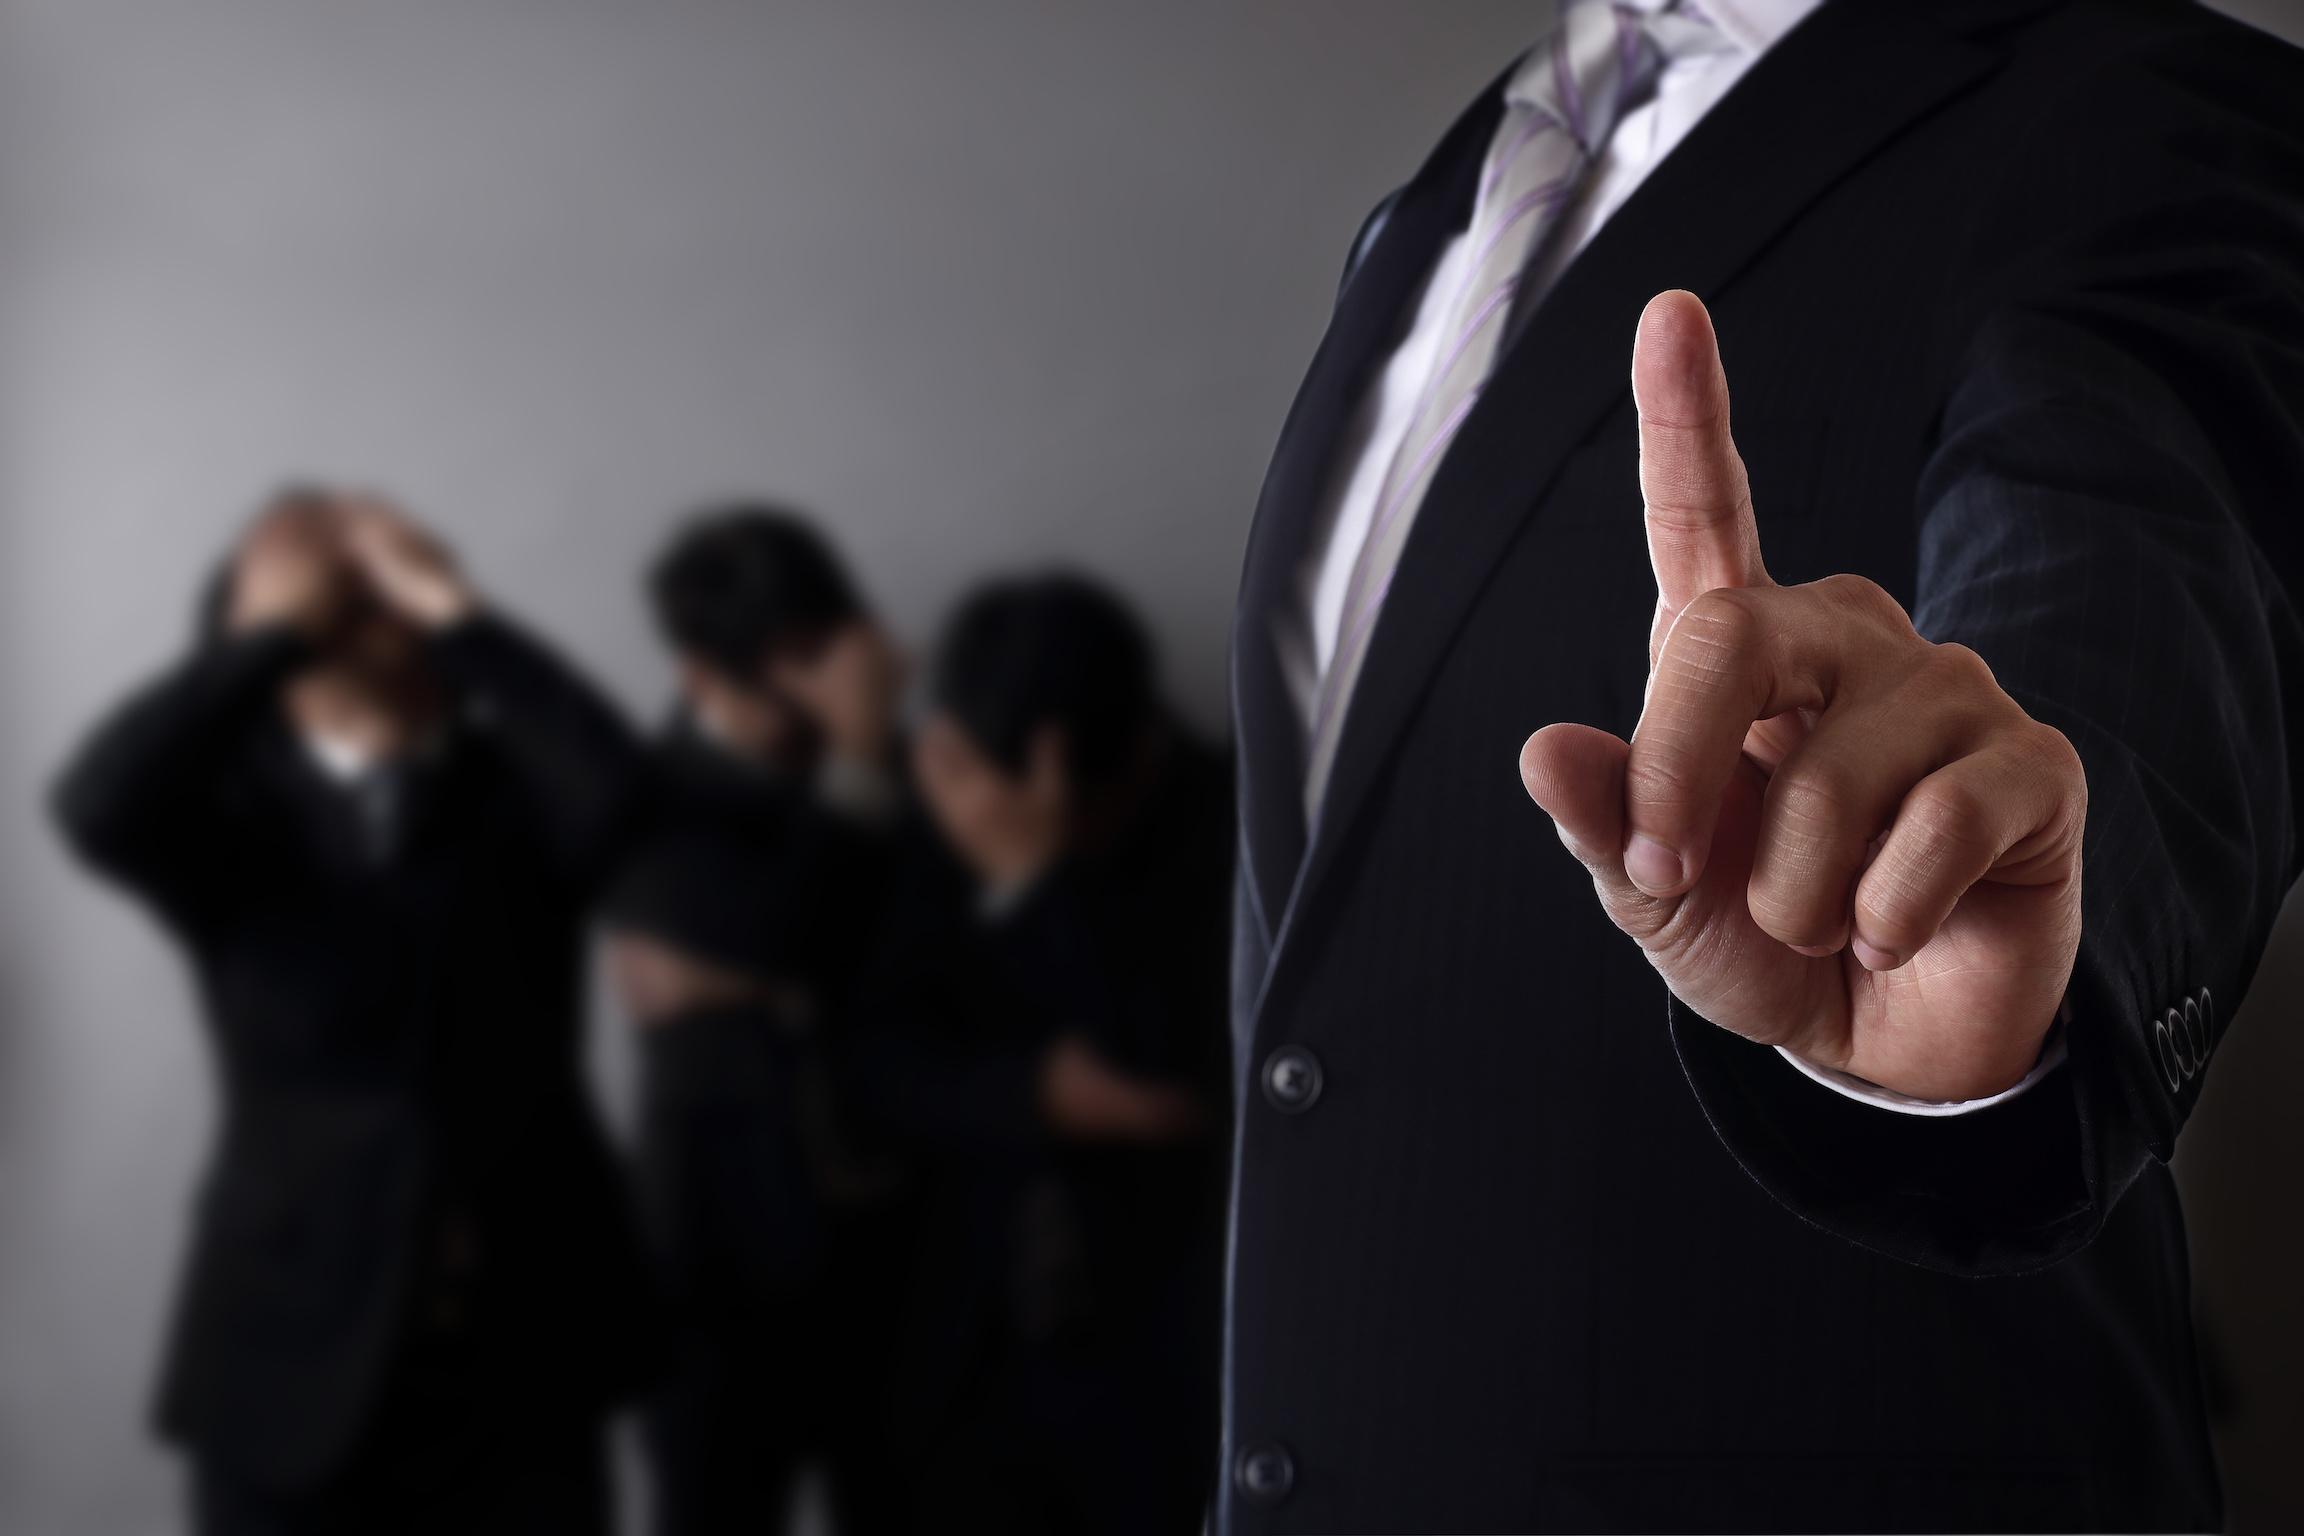 management blog - five common management blunders